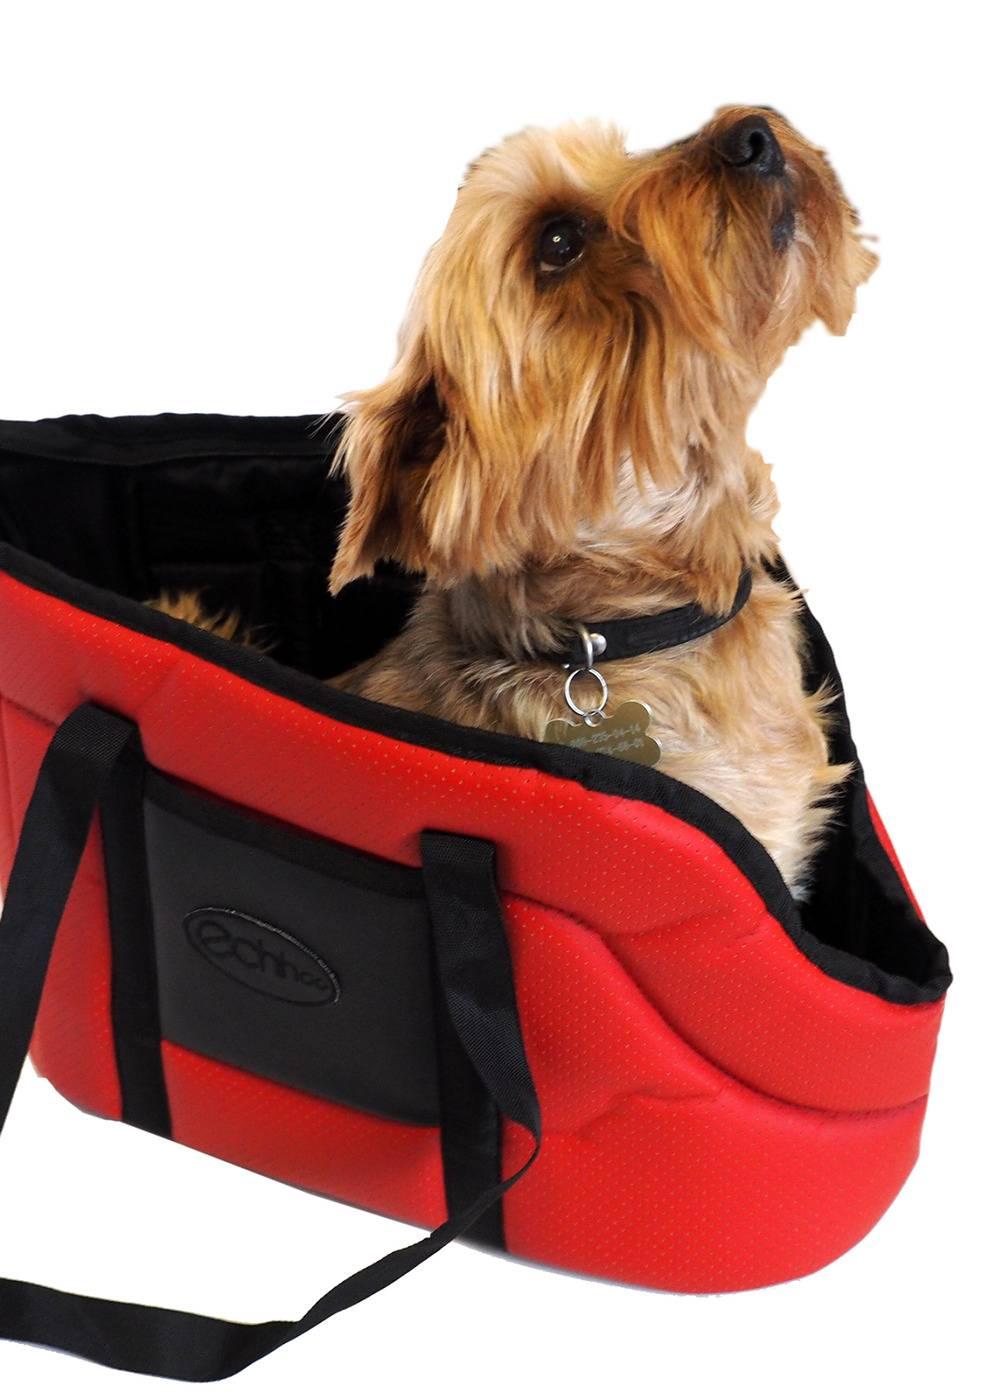 Переноски для собак мелких пород: виды конструкций для перемещения животного